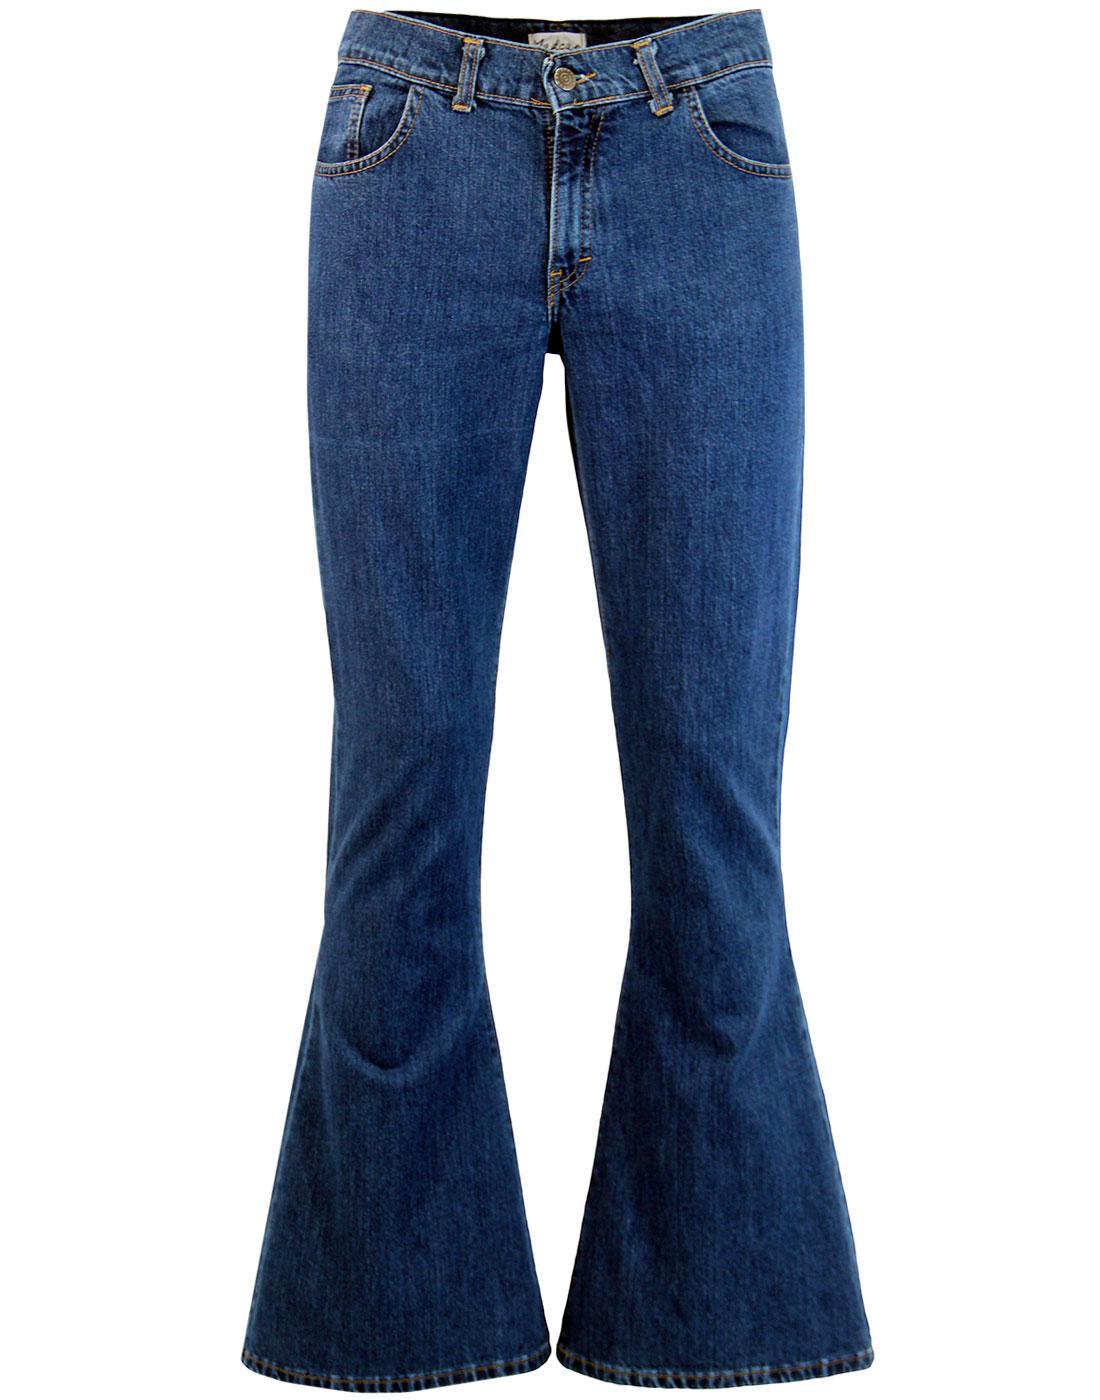 Mens Flares, Bellbottoms, Flared Jeans, Madcap England Flares